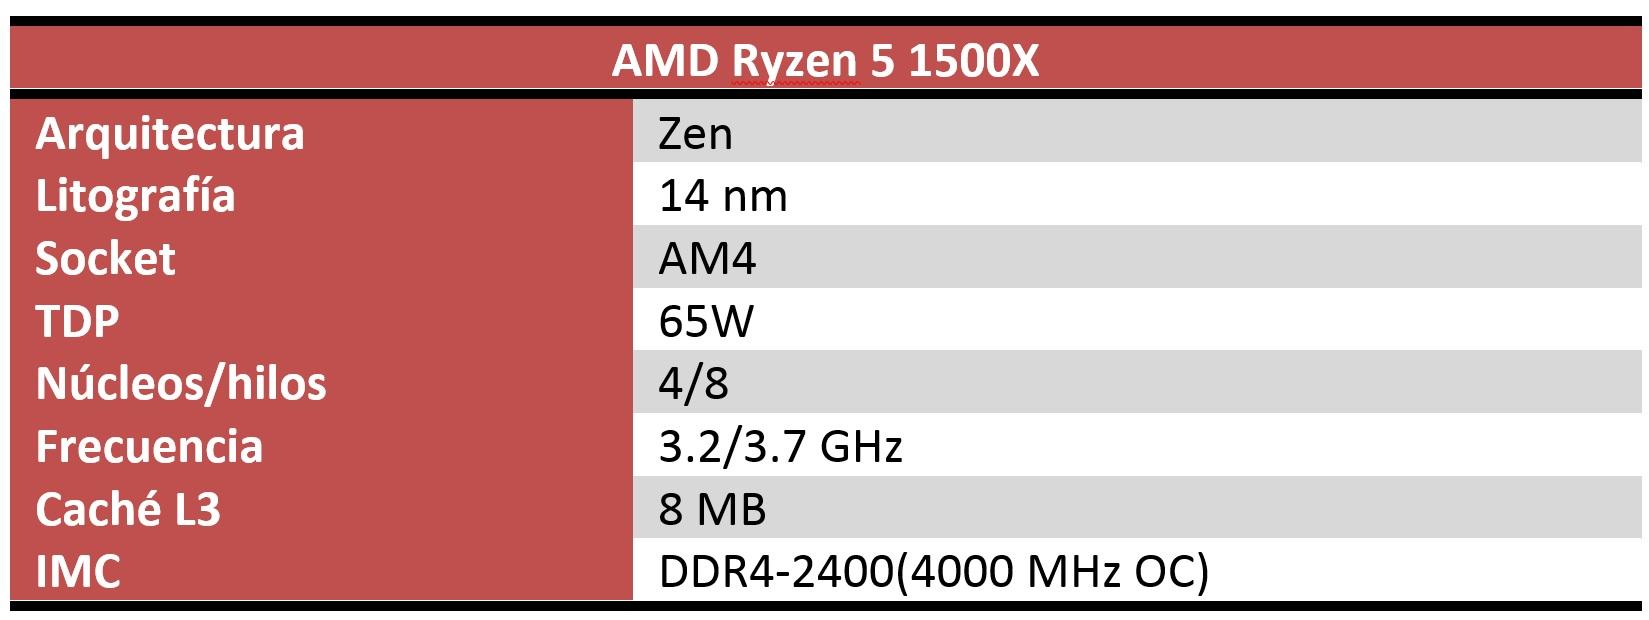 Amd Ryzen 5 1500x Review En Espaol Anlisis Completo R5 Caracteristicas